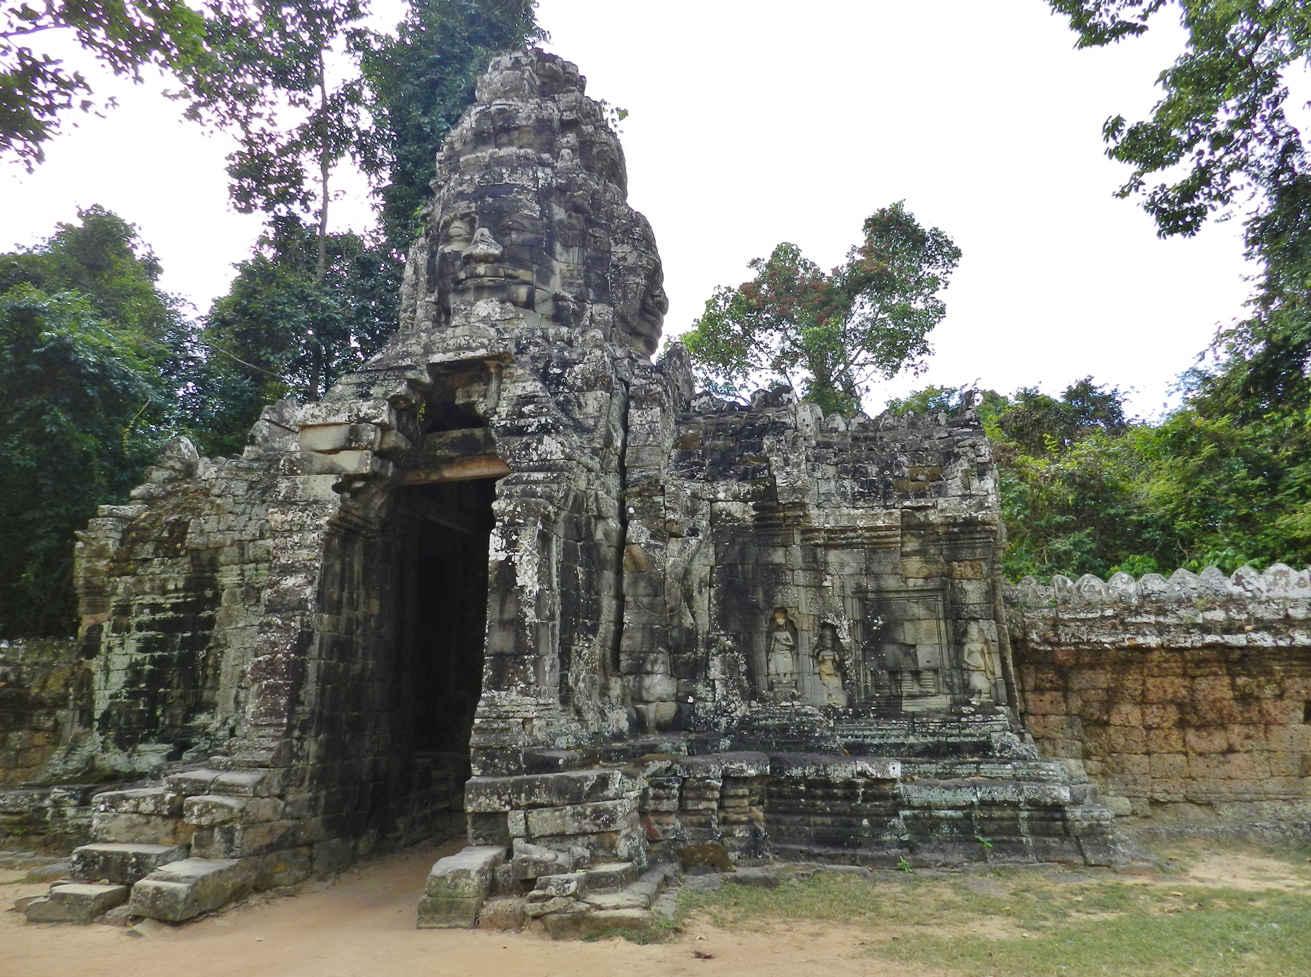 Entrance gate to Banteay Kdei